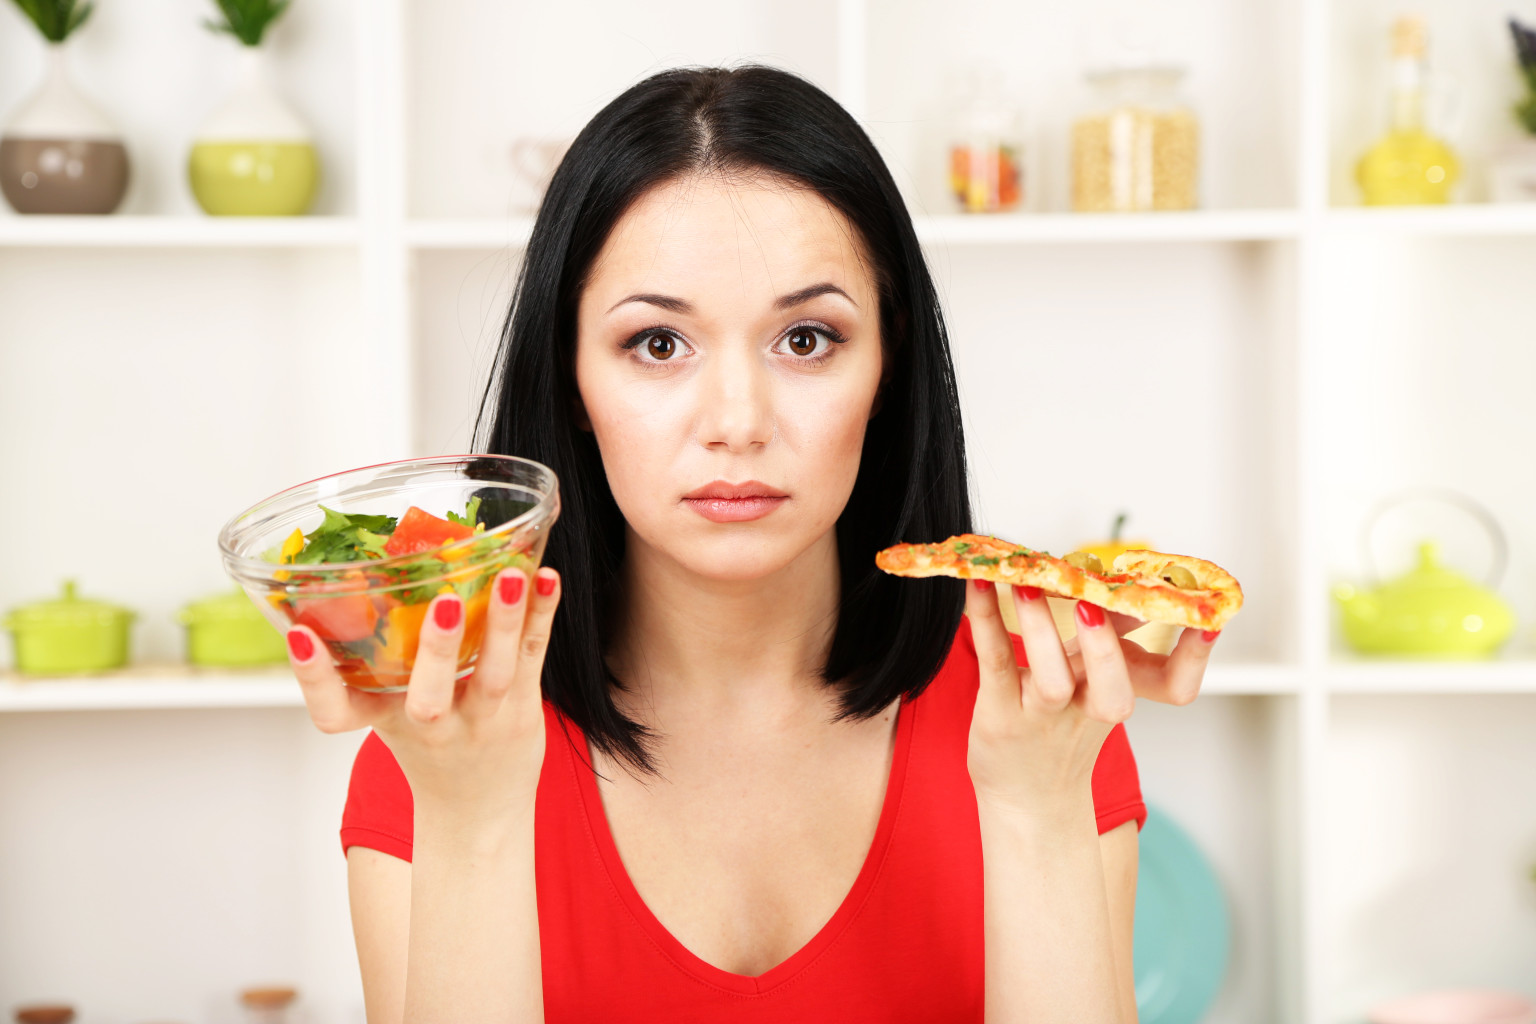 От Чего Можно Похудеть Причины. Причины резкого похудения женщин и мужчин, возможные последствия и способы коррекции веса